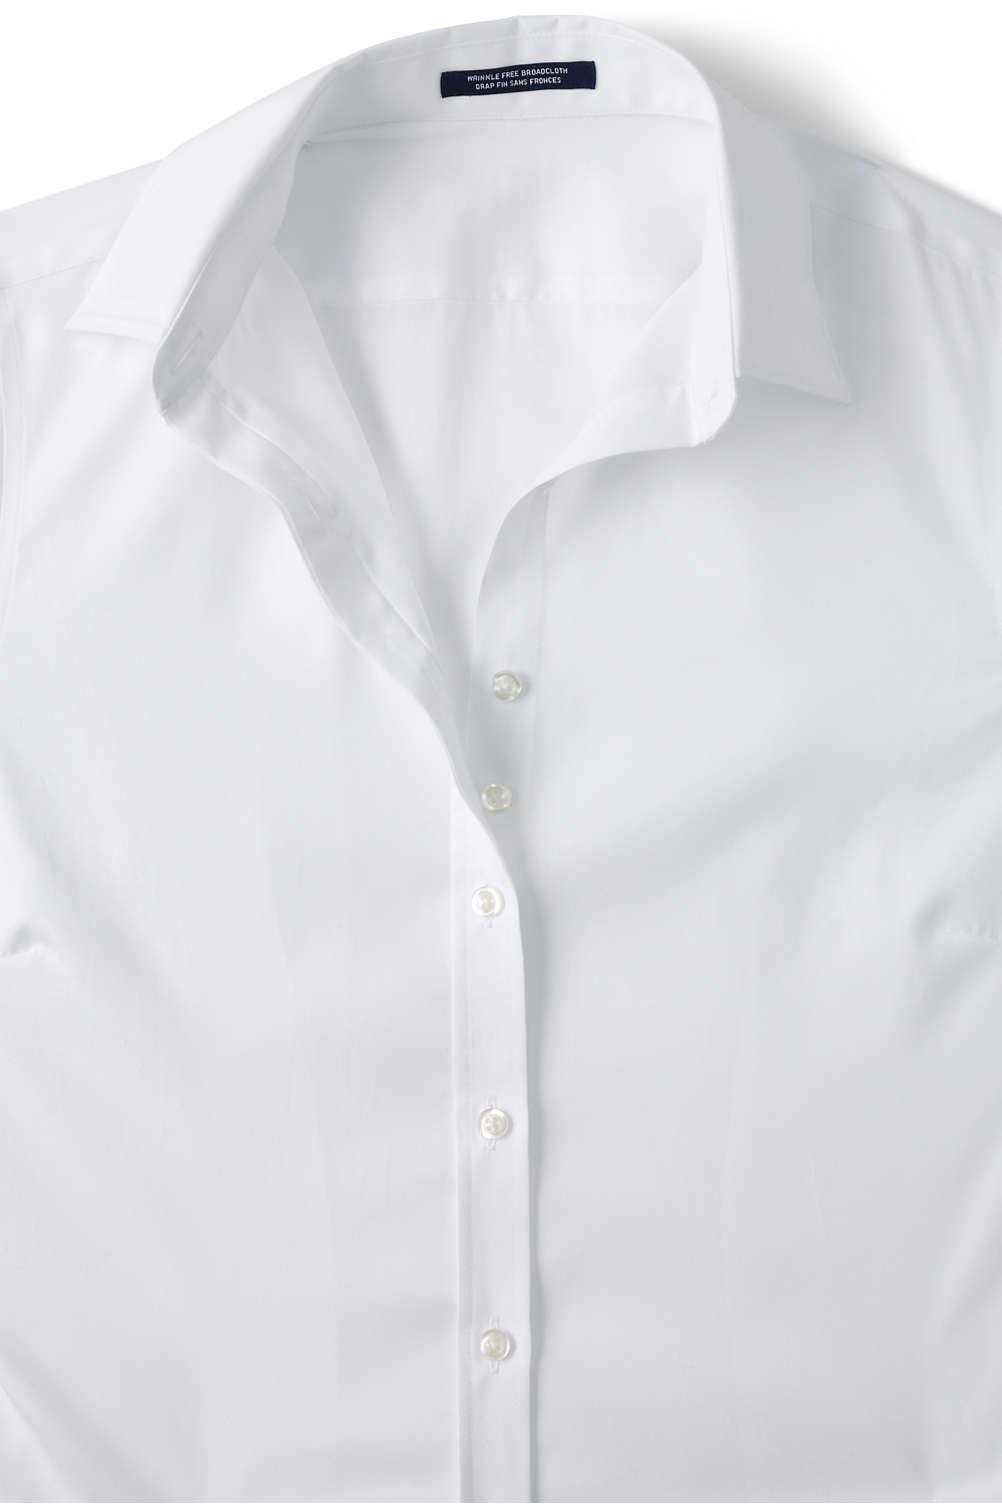 School Uniform Womens Long Sleeve Ultimate Dress Shirt From Lands End